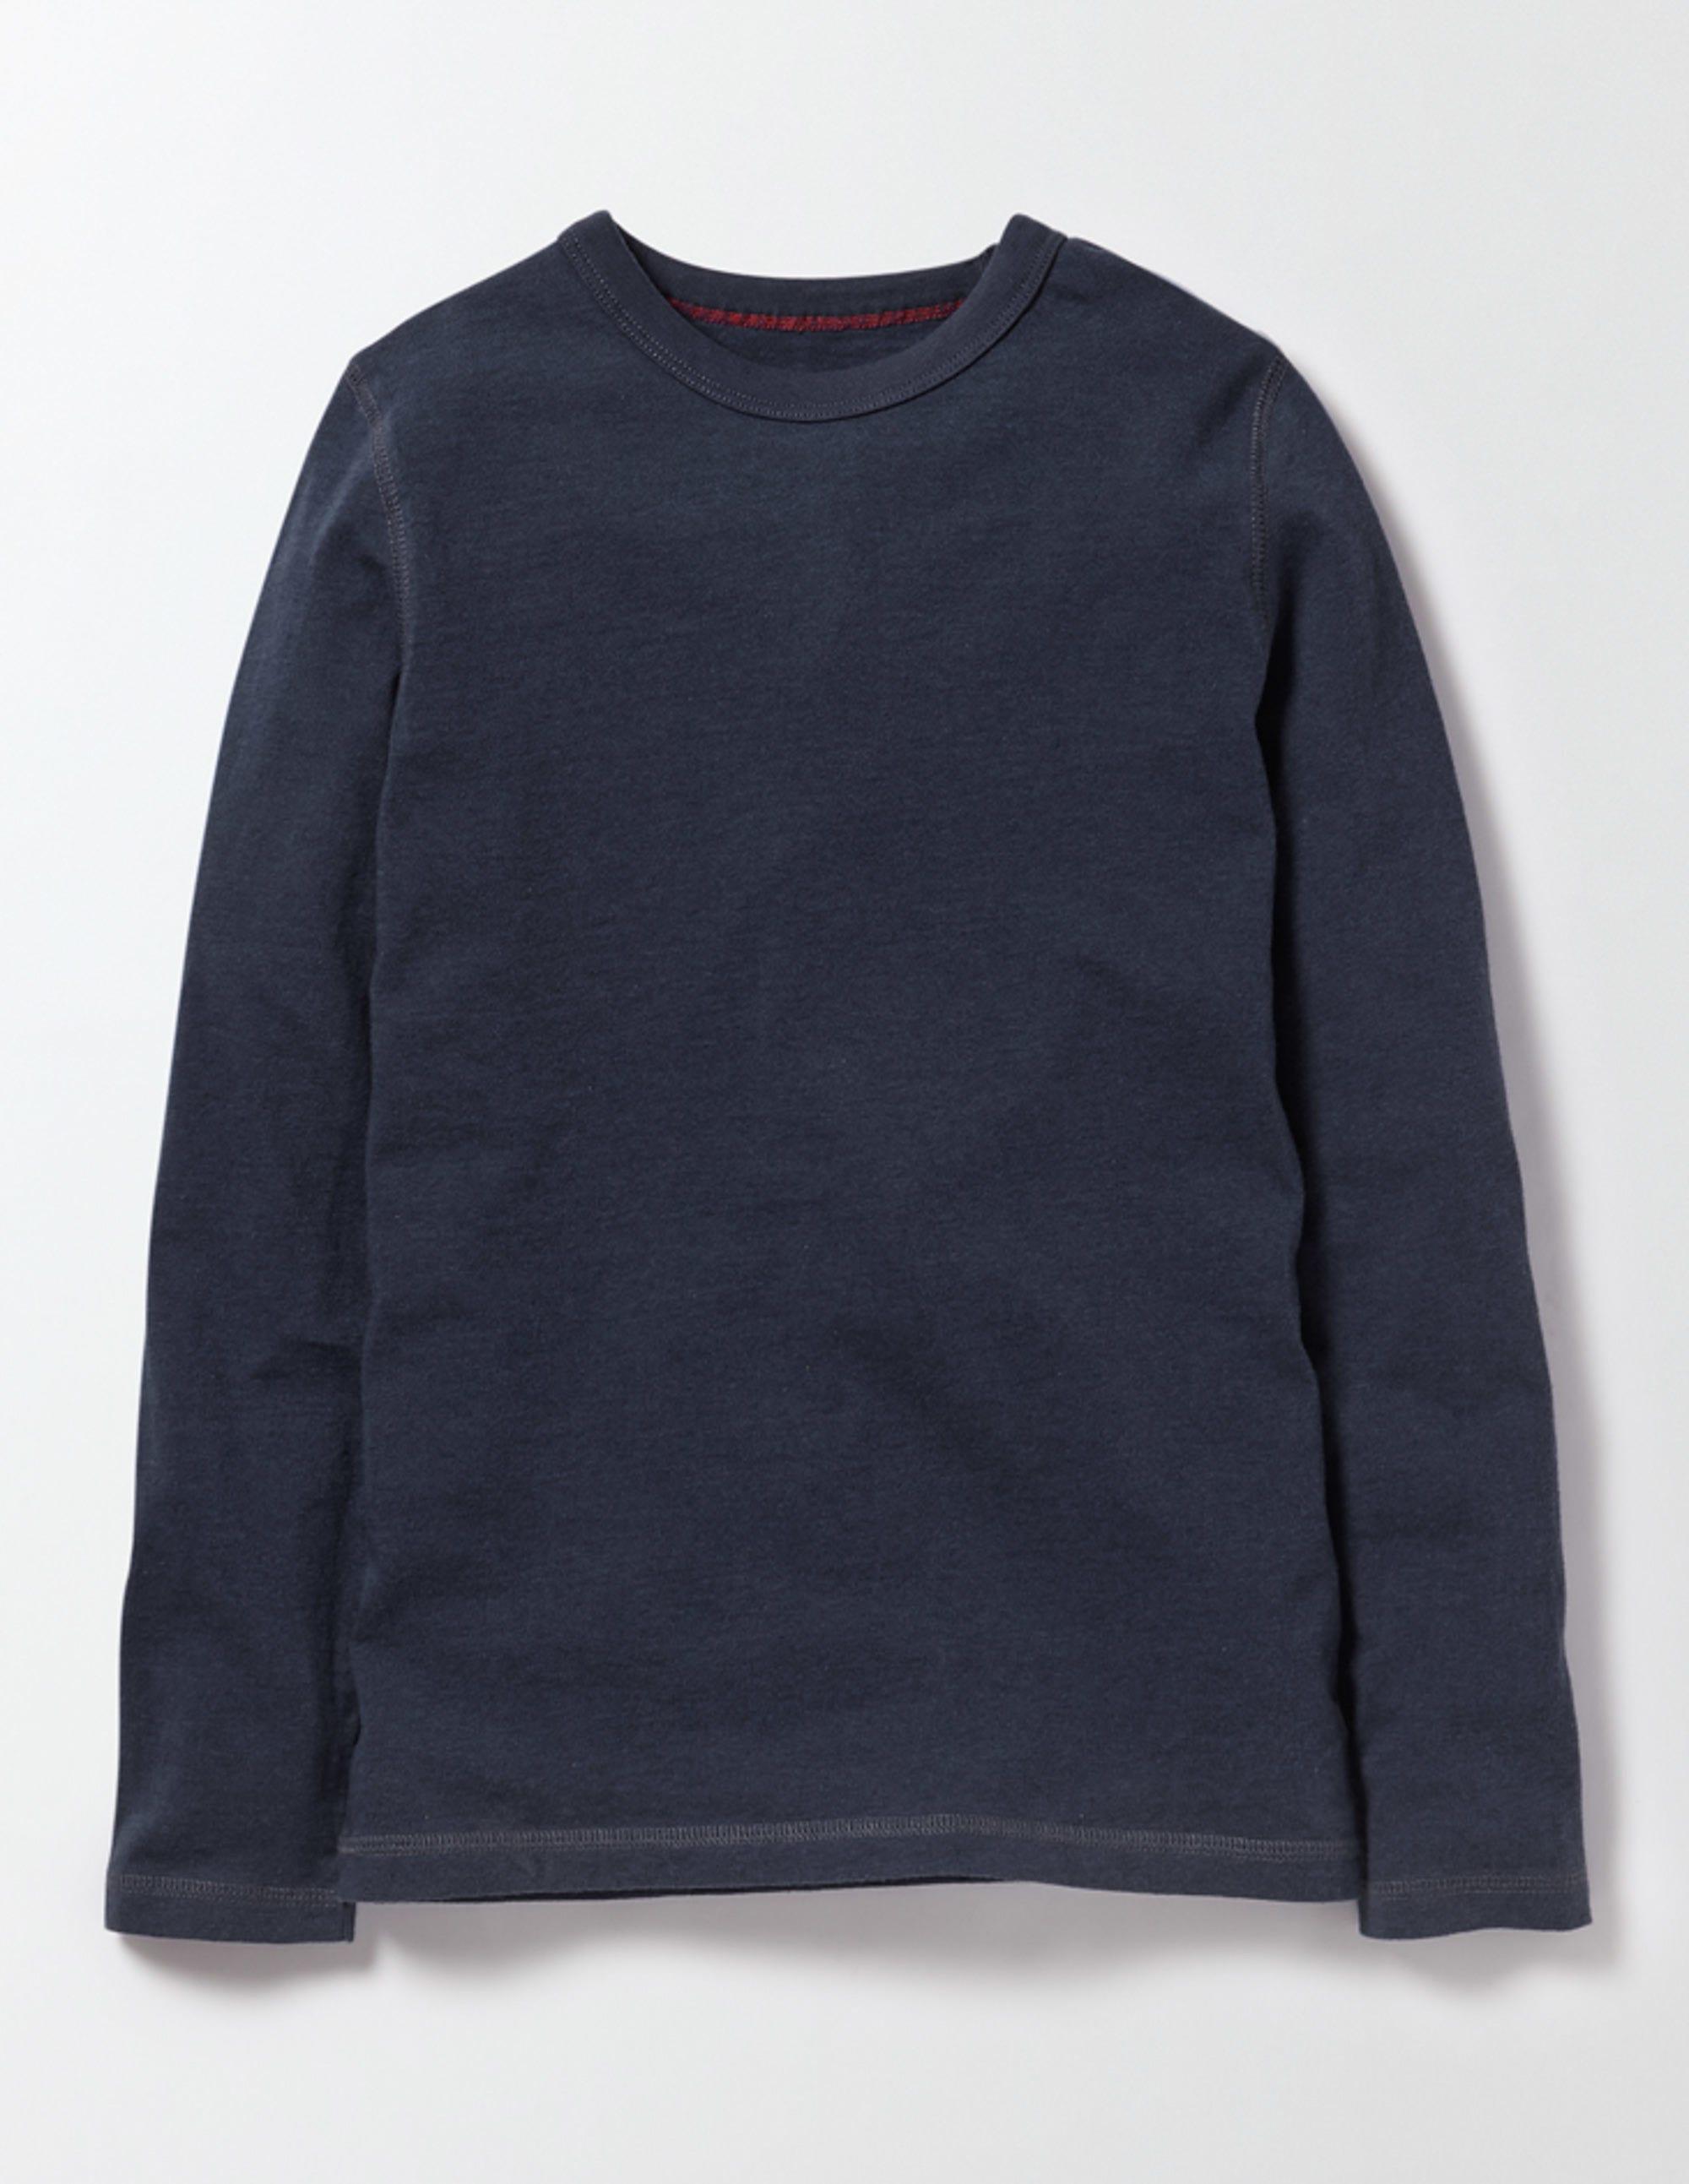 Superweiches T-Shirt Navy Jungen Boden